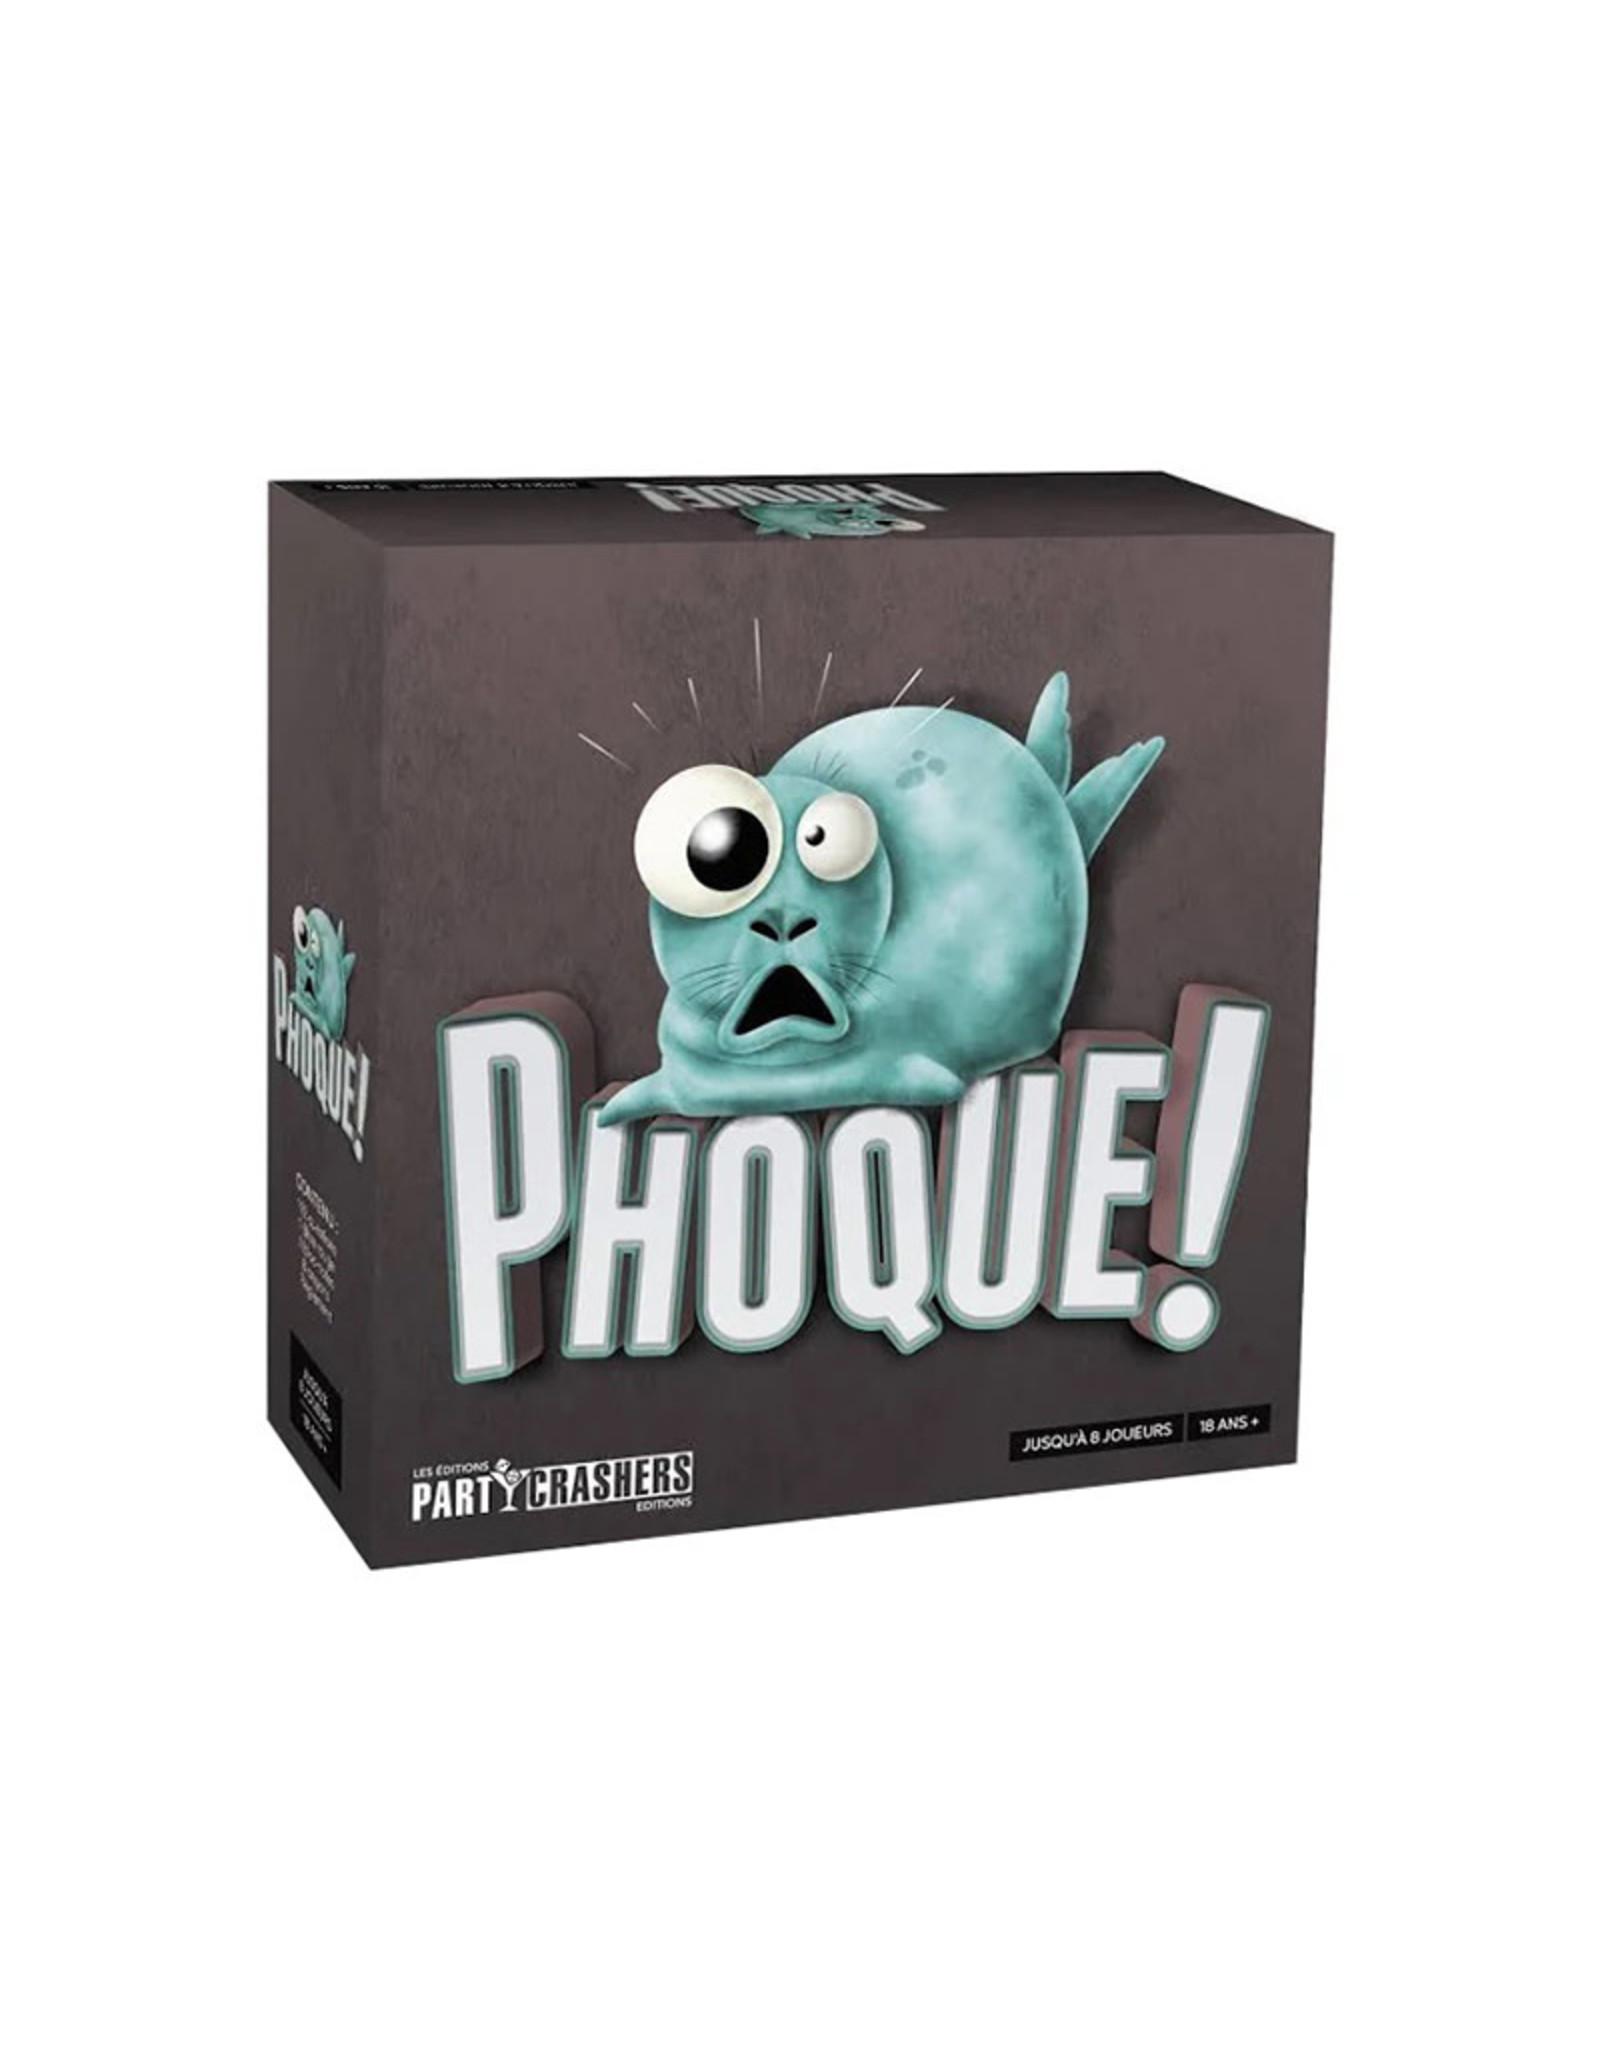 Phoque!